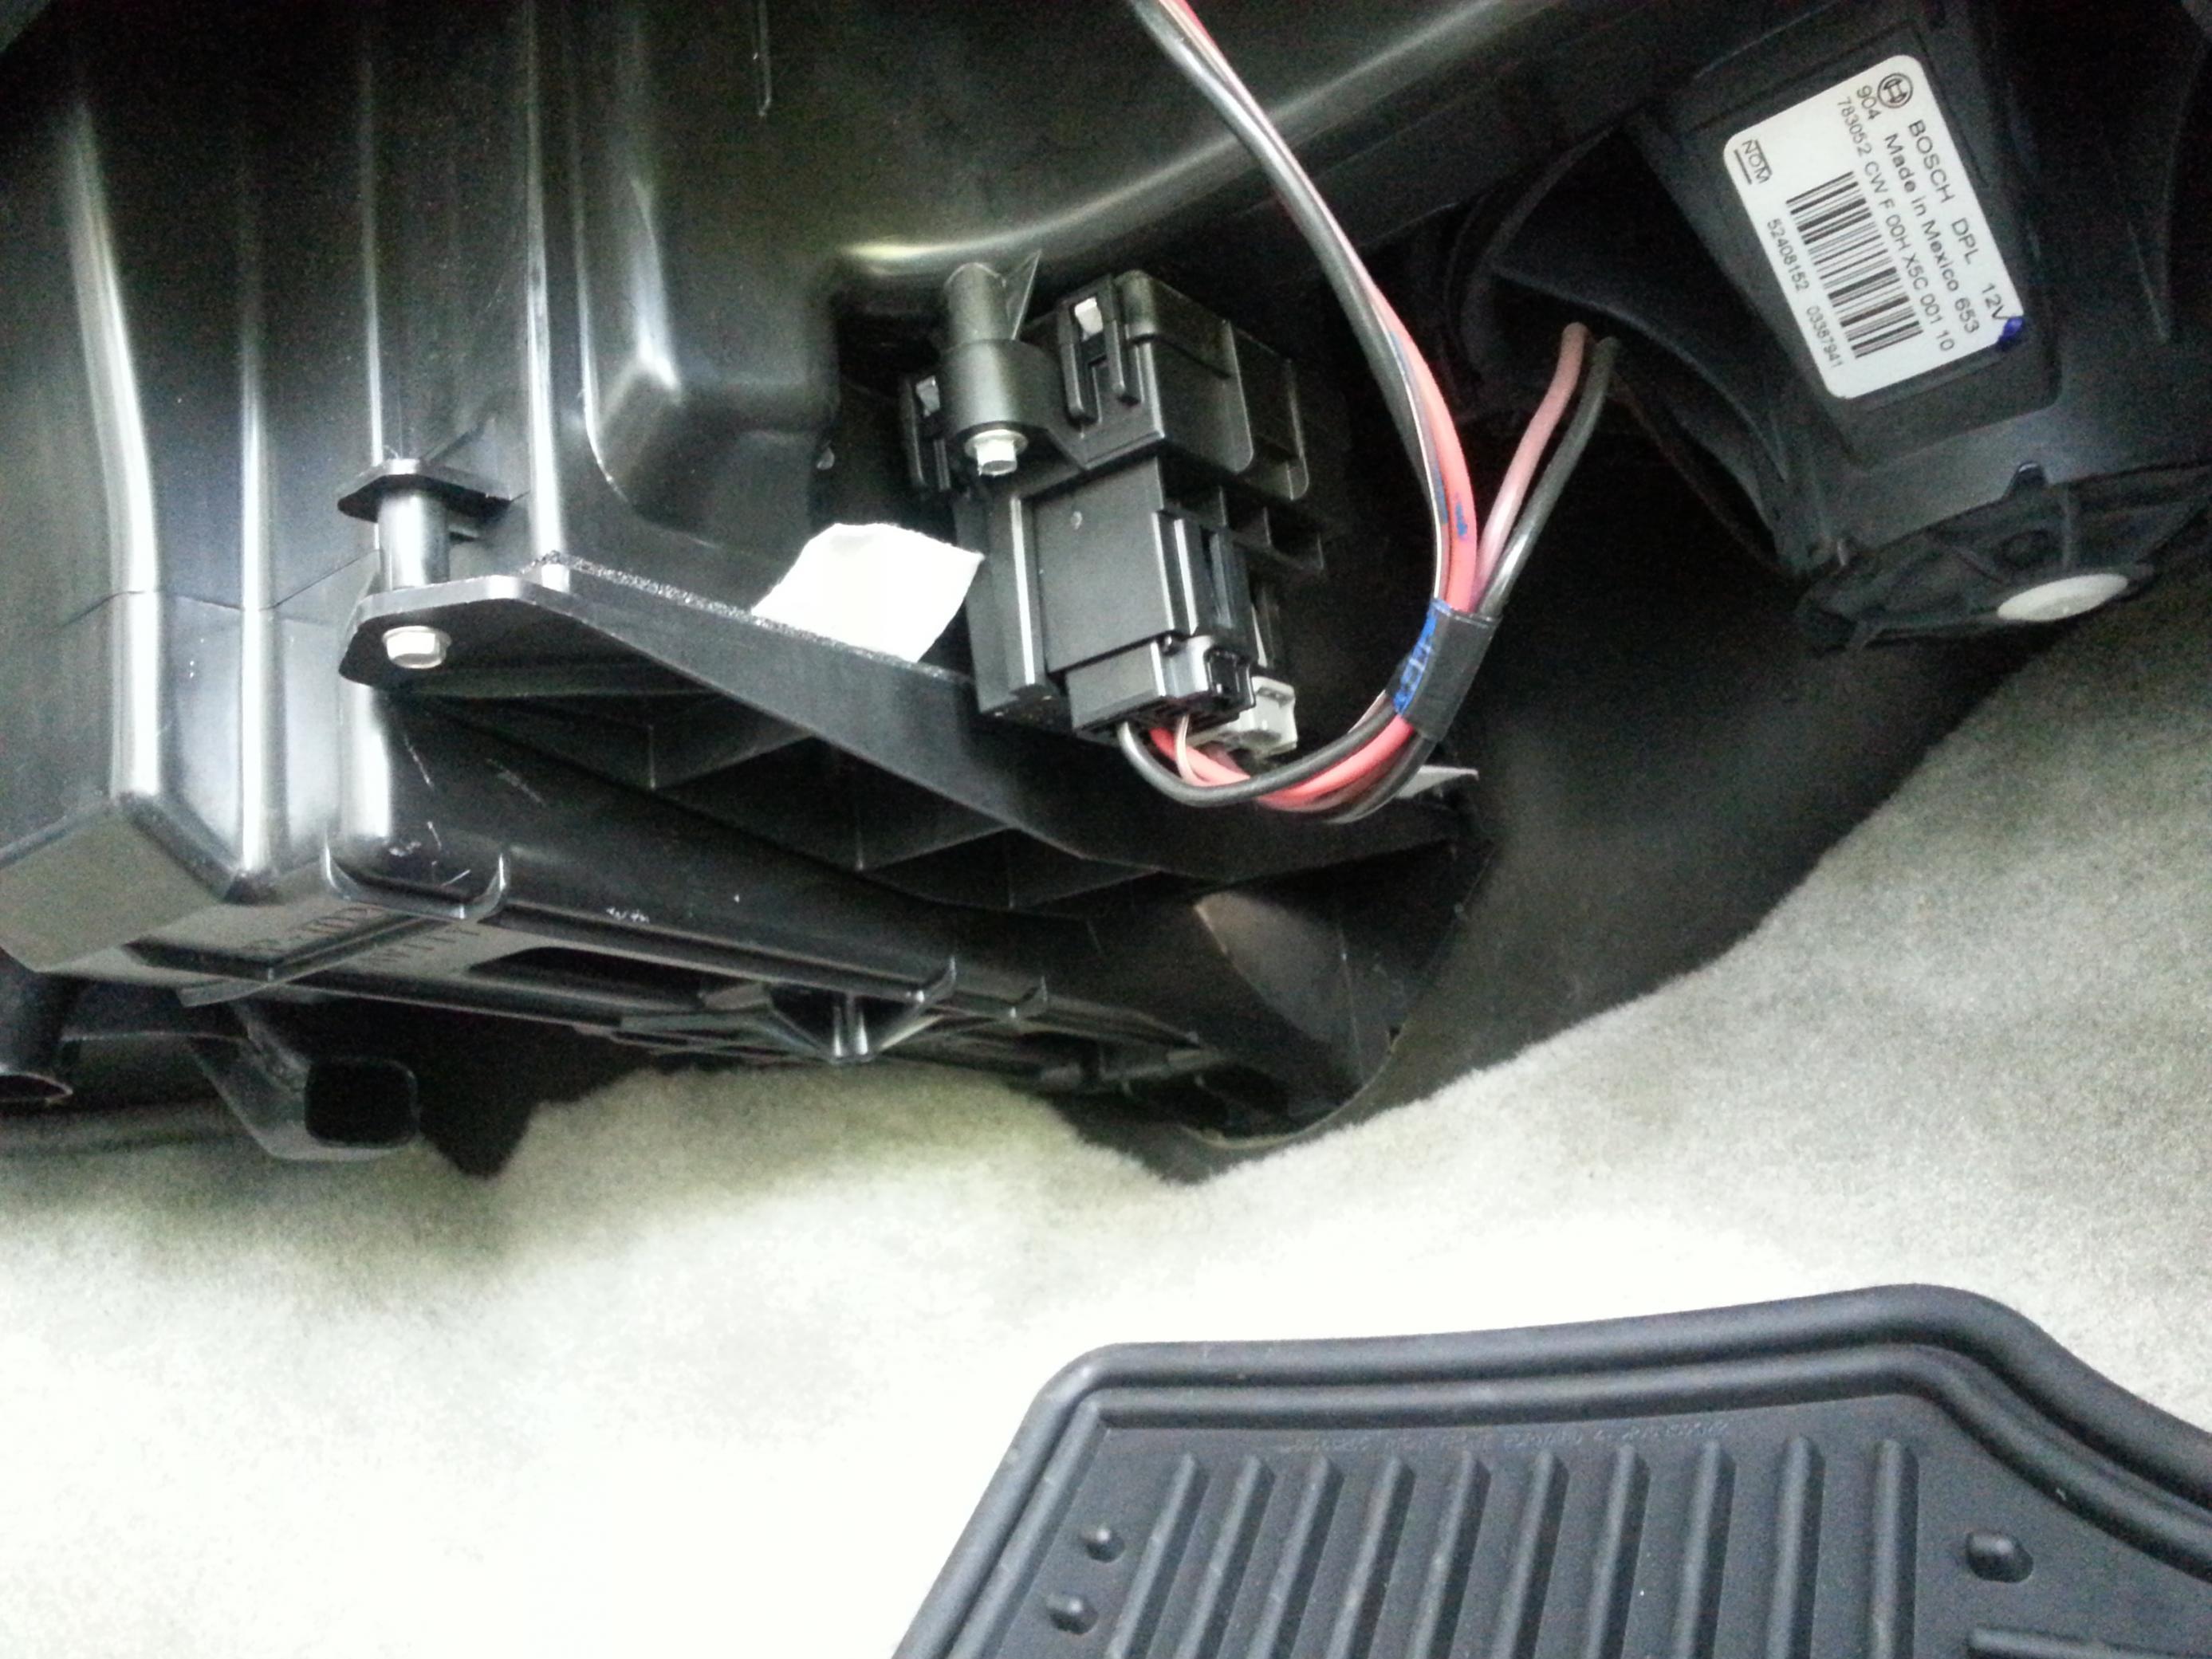 2007 chevrolet aveo ls fuel filter tt 8160  2007 chevrolet aveo ls fuel filter  tt 8160  2007 chevrolet aveo ls fuel filter